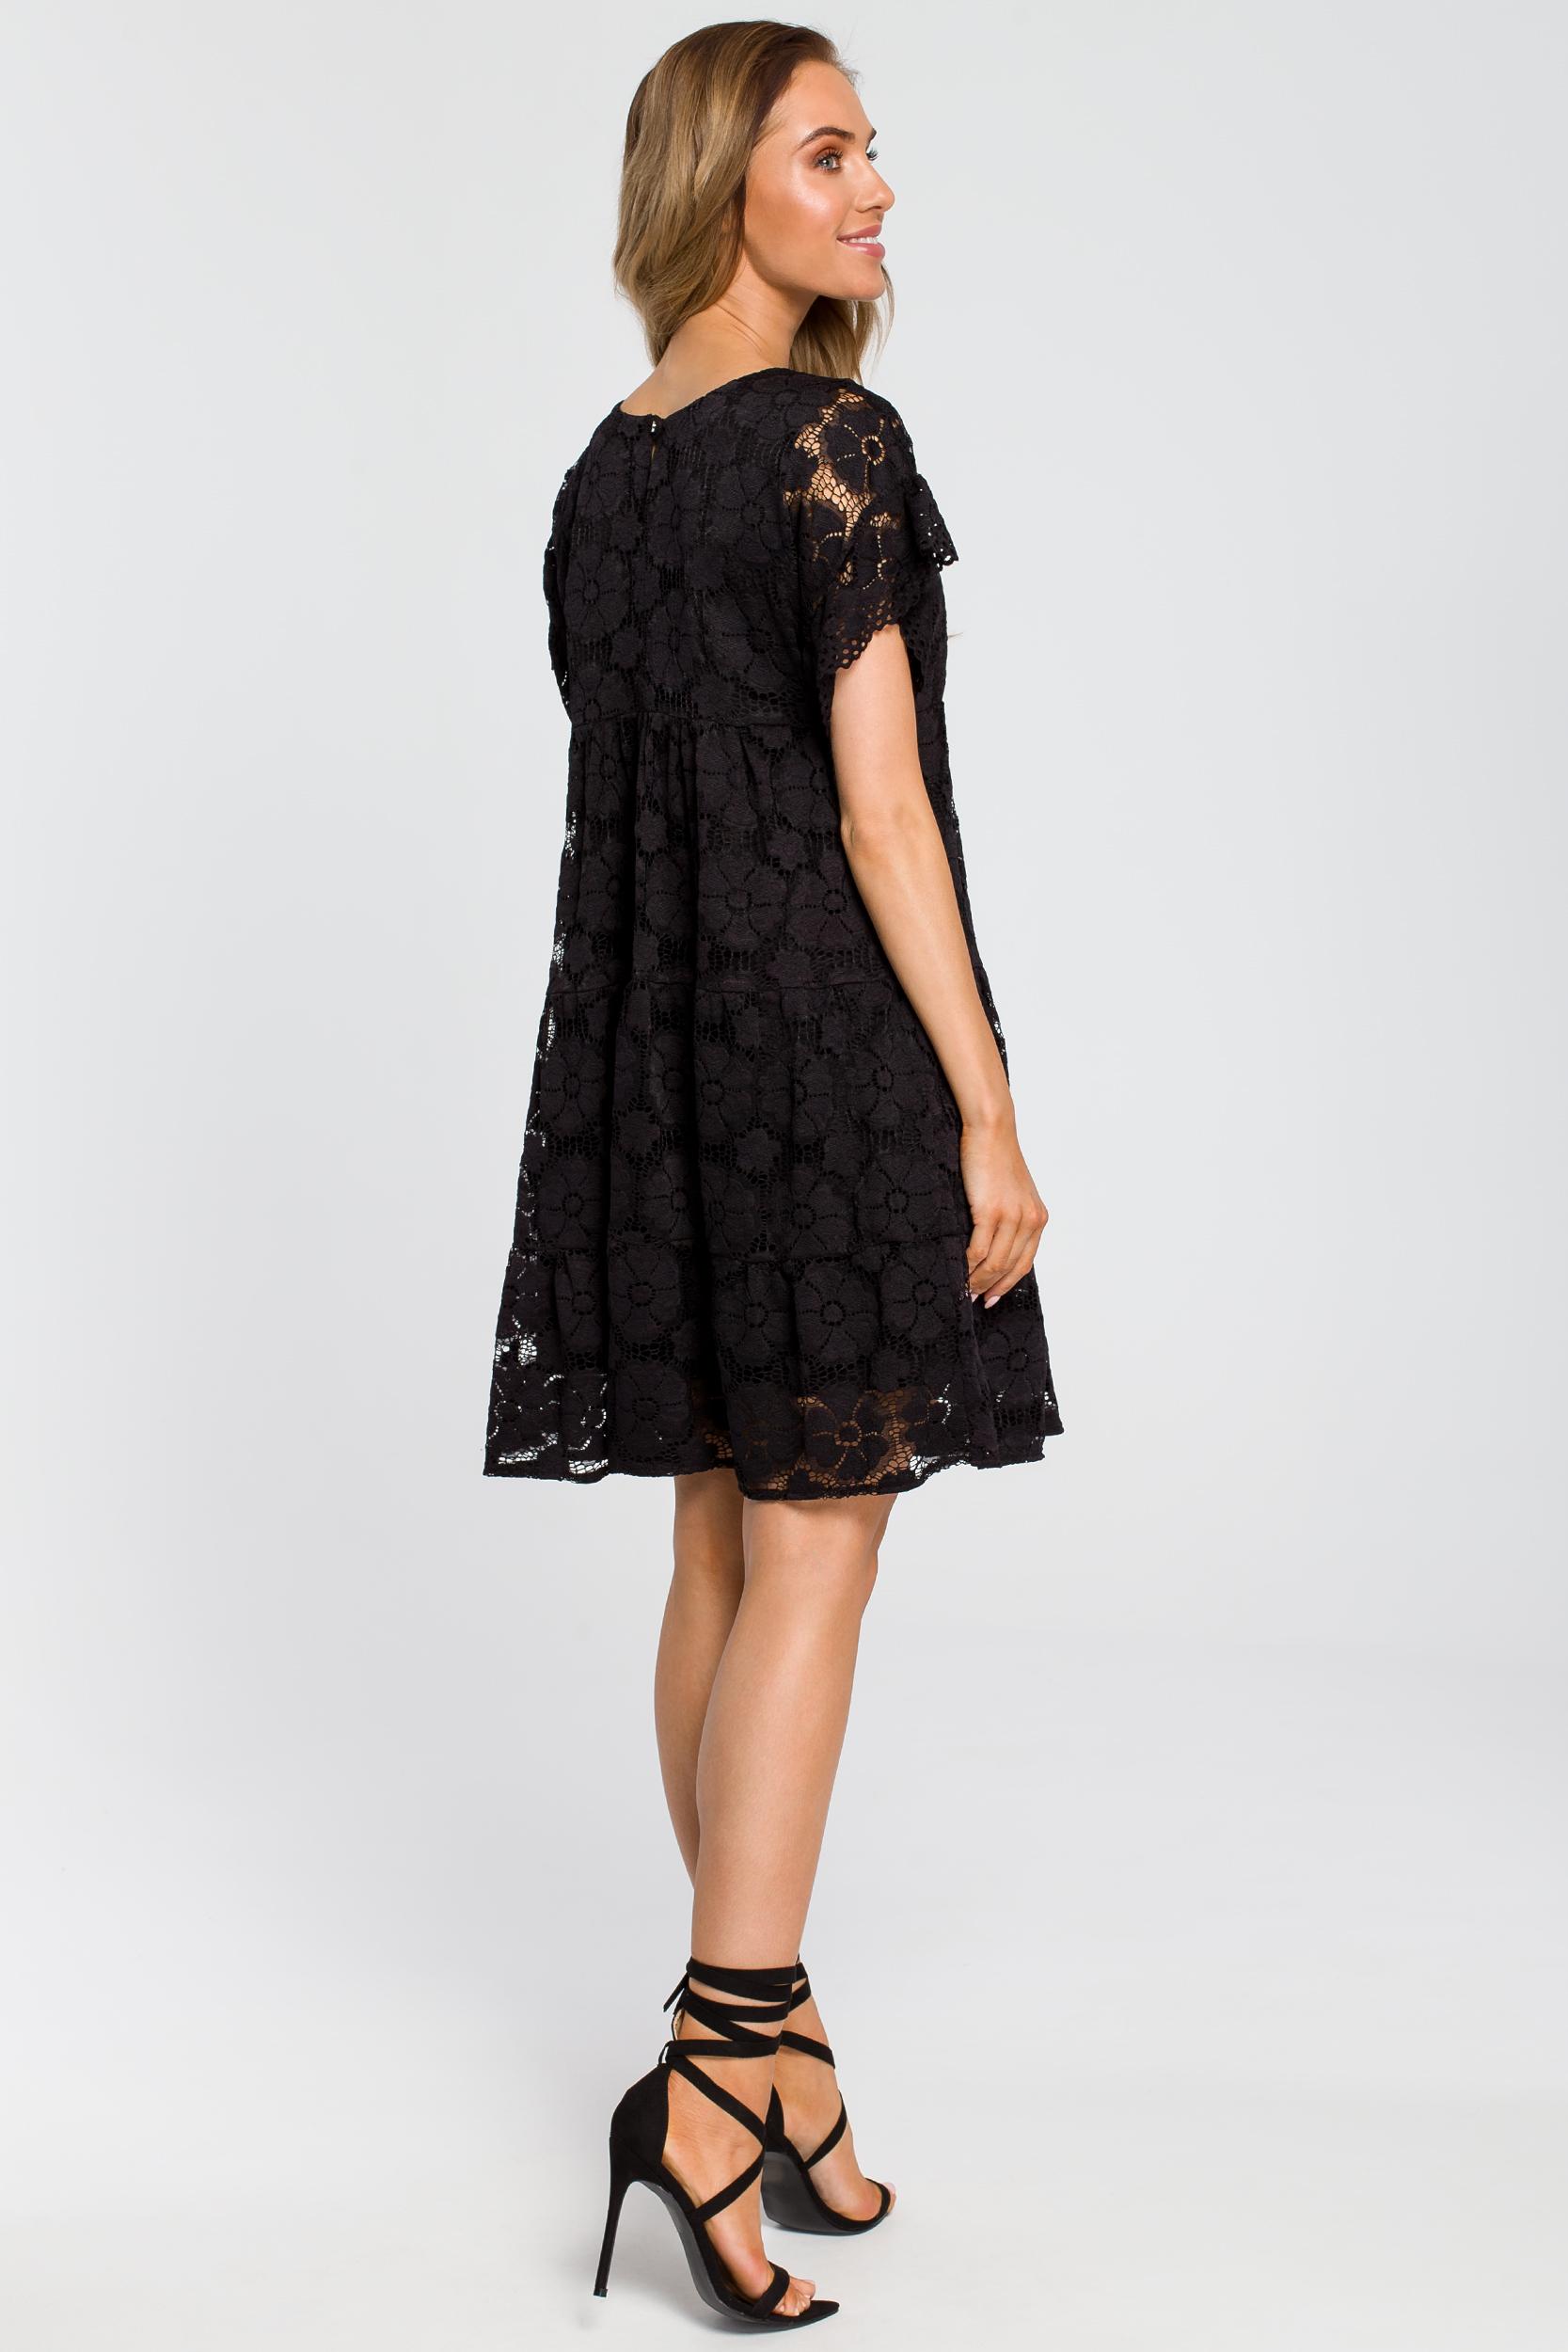 CM4111 Zwiewna koronkowa sukienka - czarna